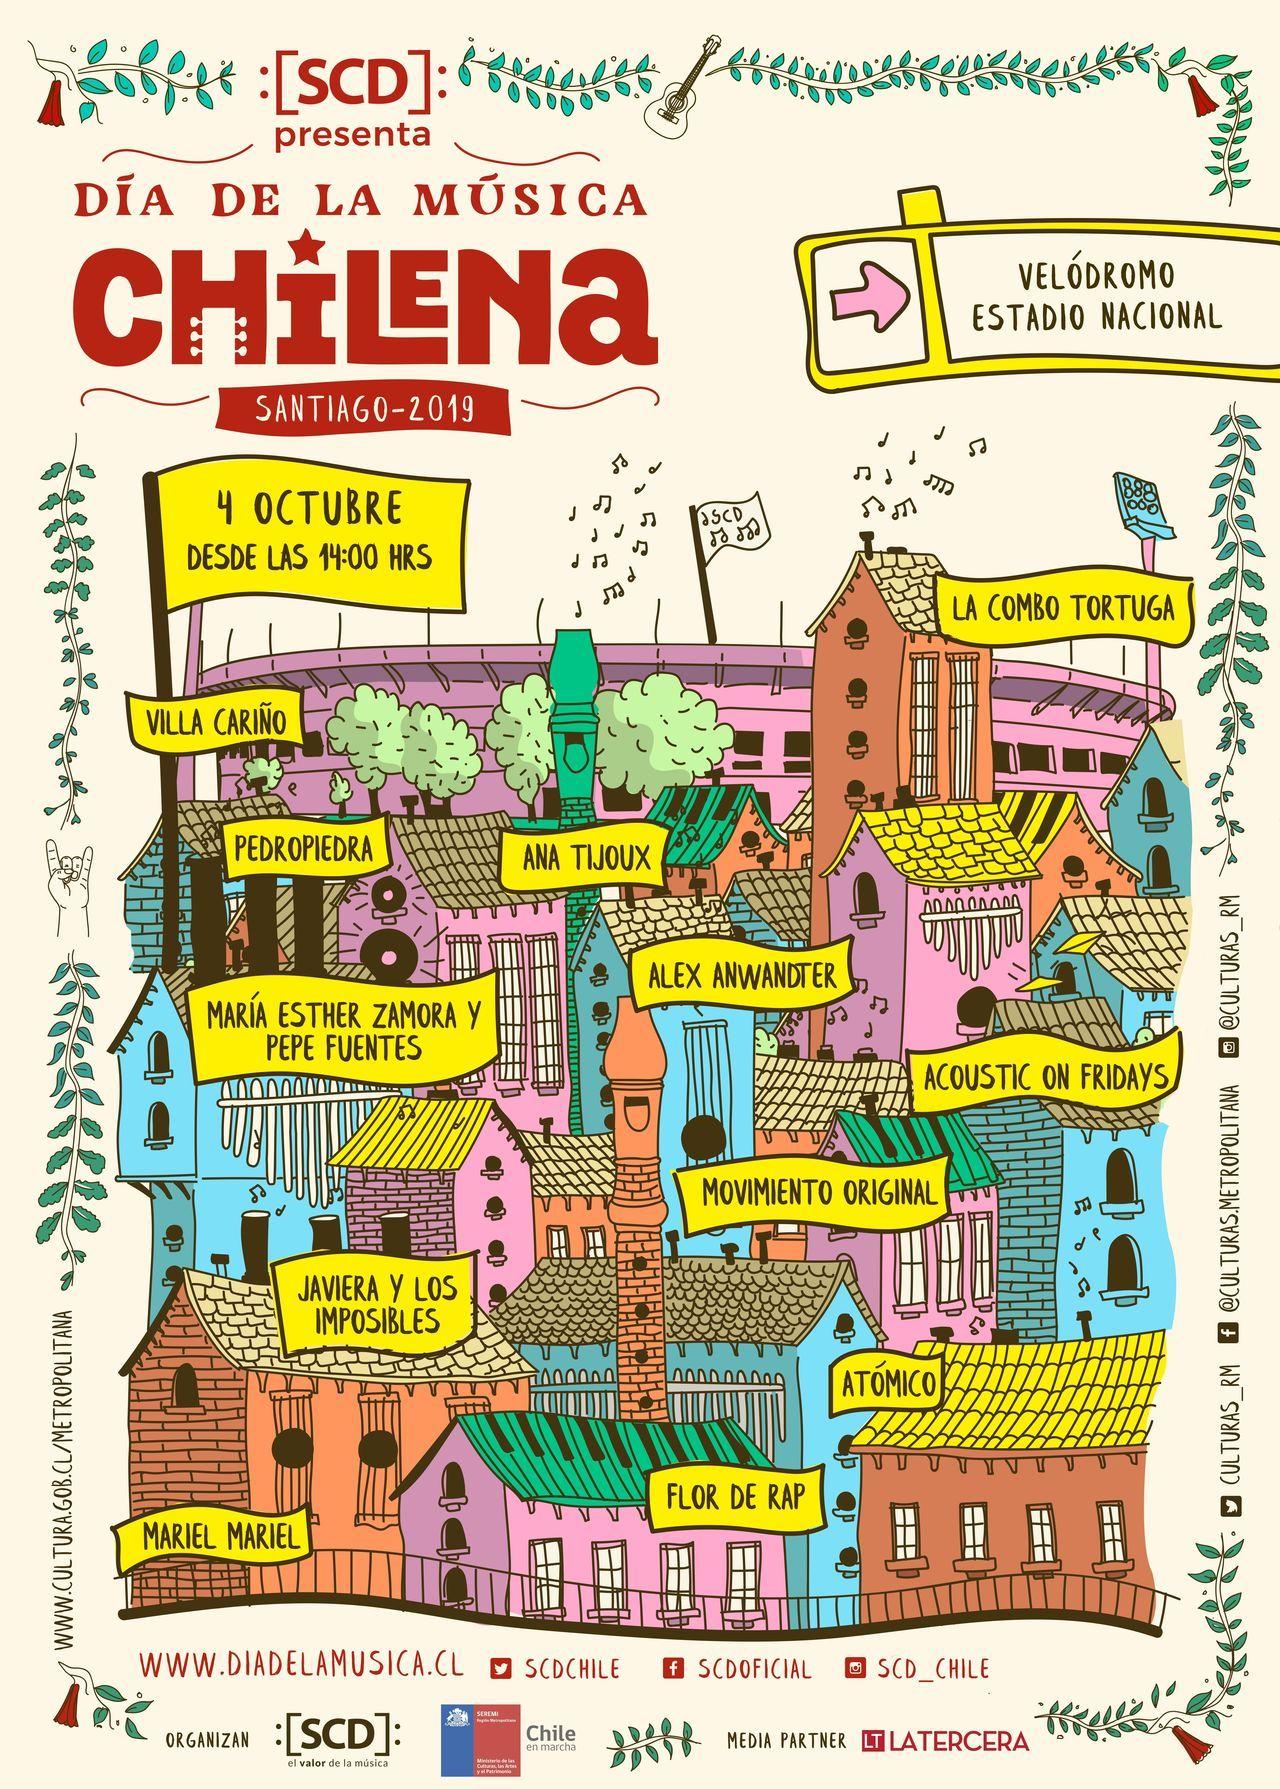 Día de la Música Chilena 2019 ya tiene fecha y lugar